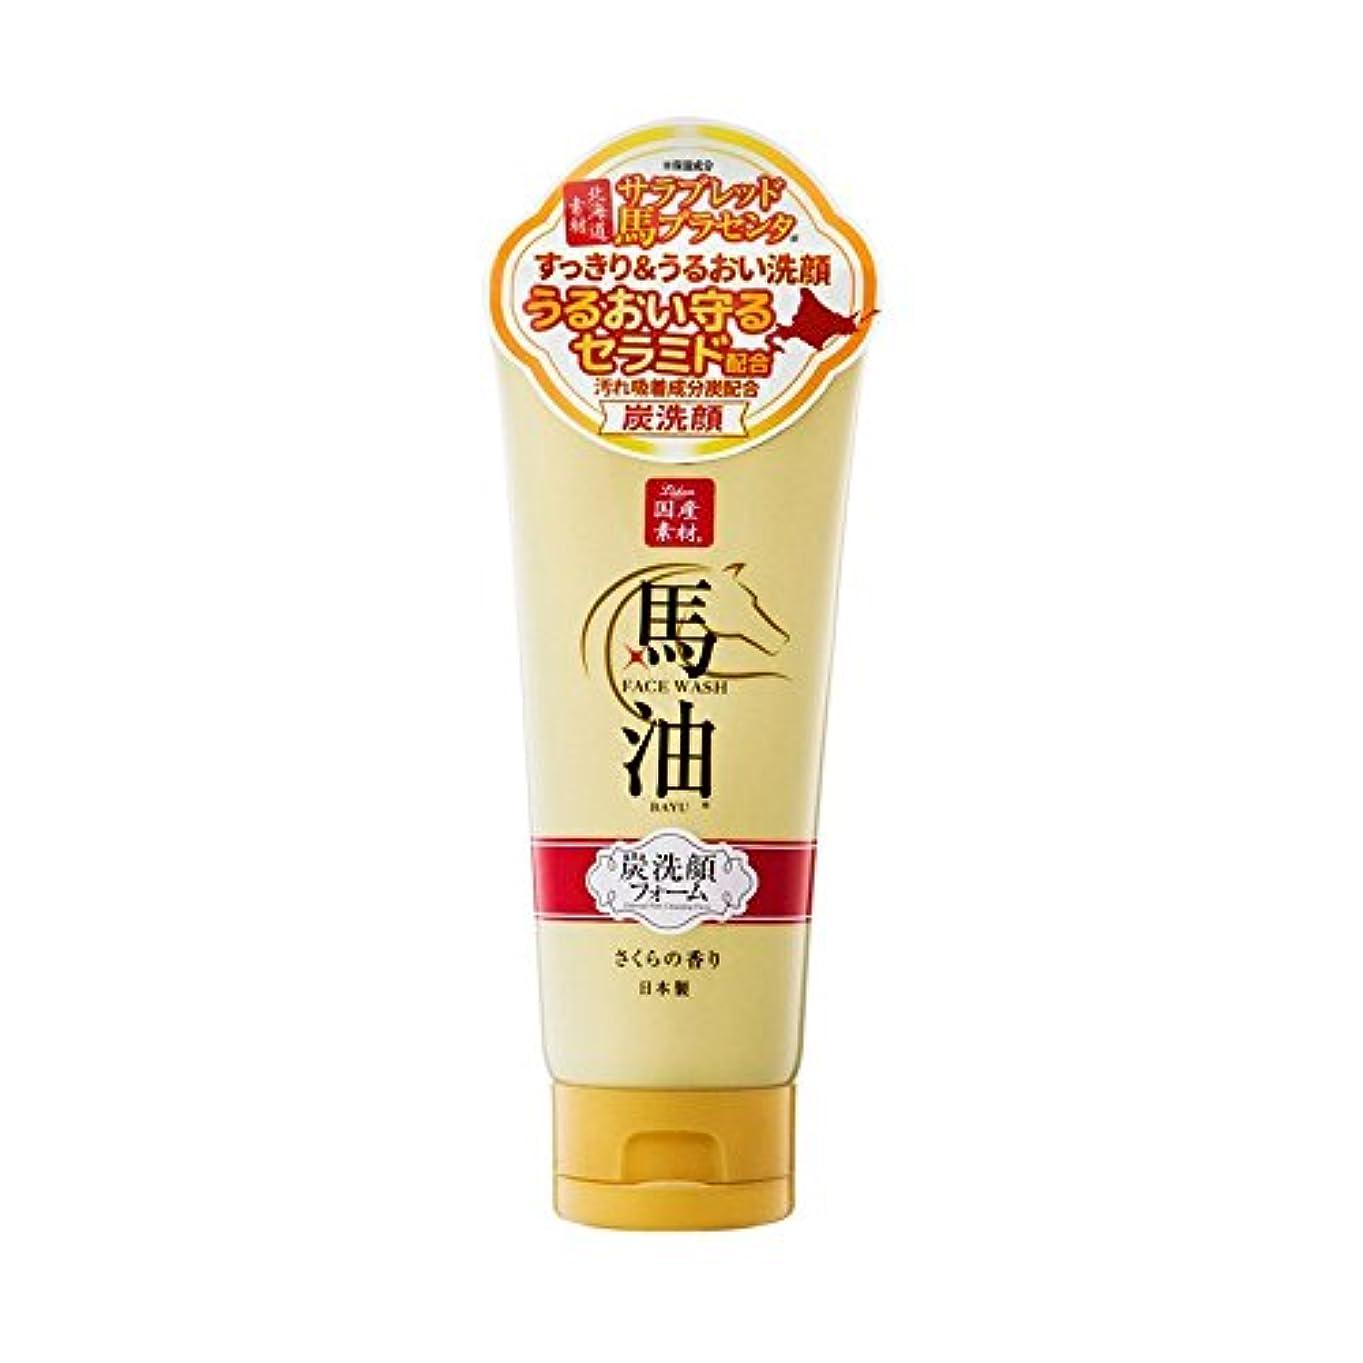 ペンフレンドパドル七面鳥リシャン 馬油&炭洗顔フォーム(さくらの香り)(内容量130g)